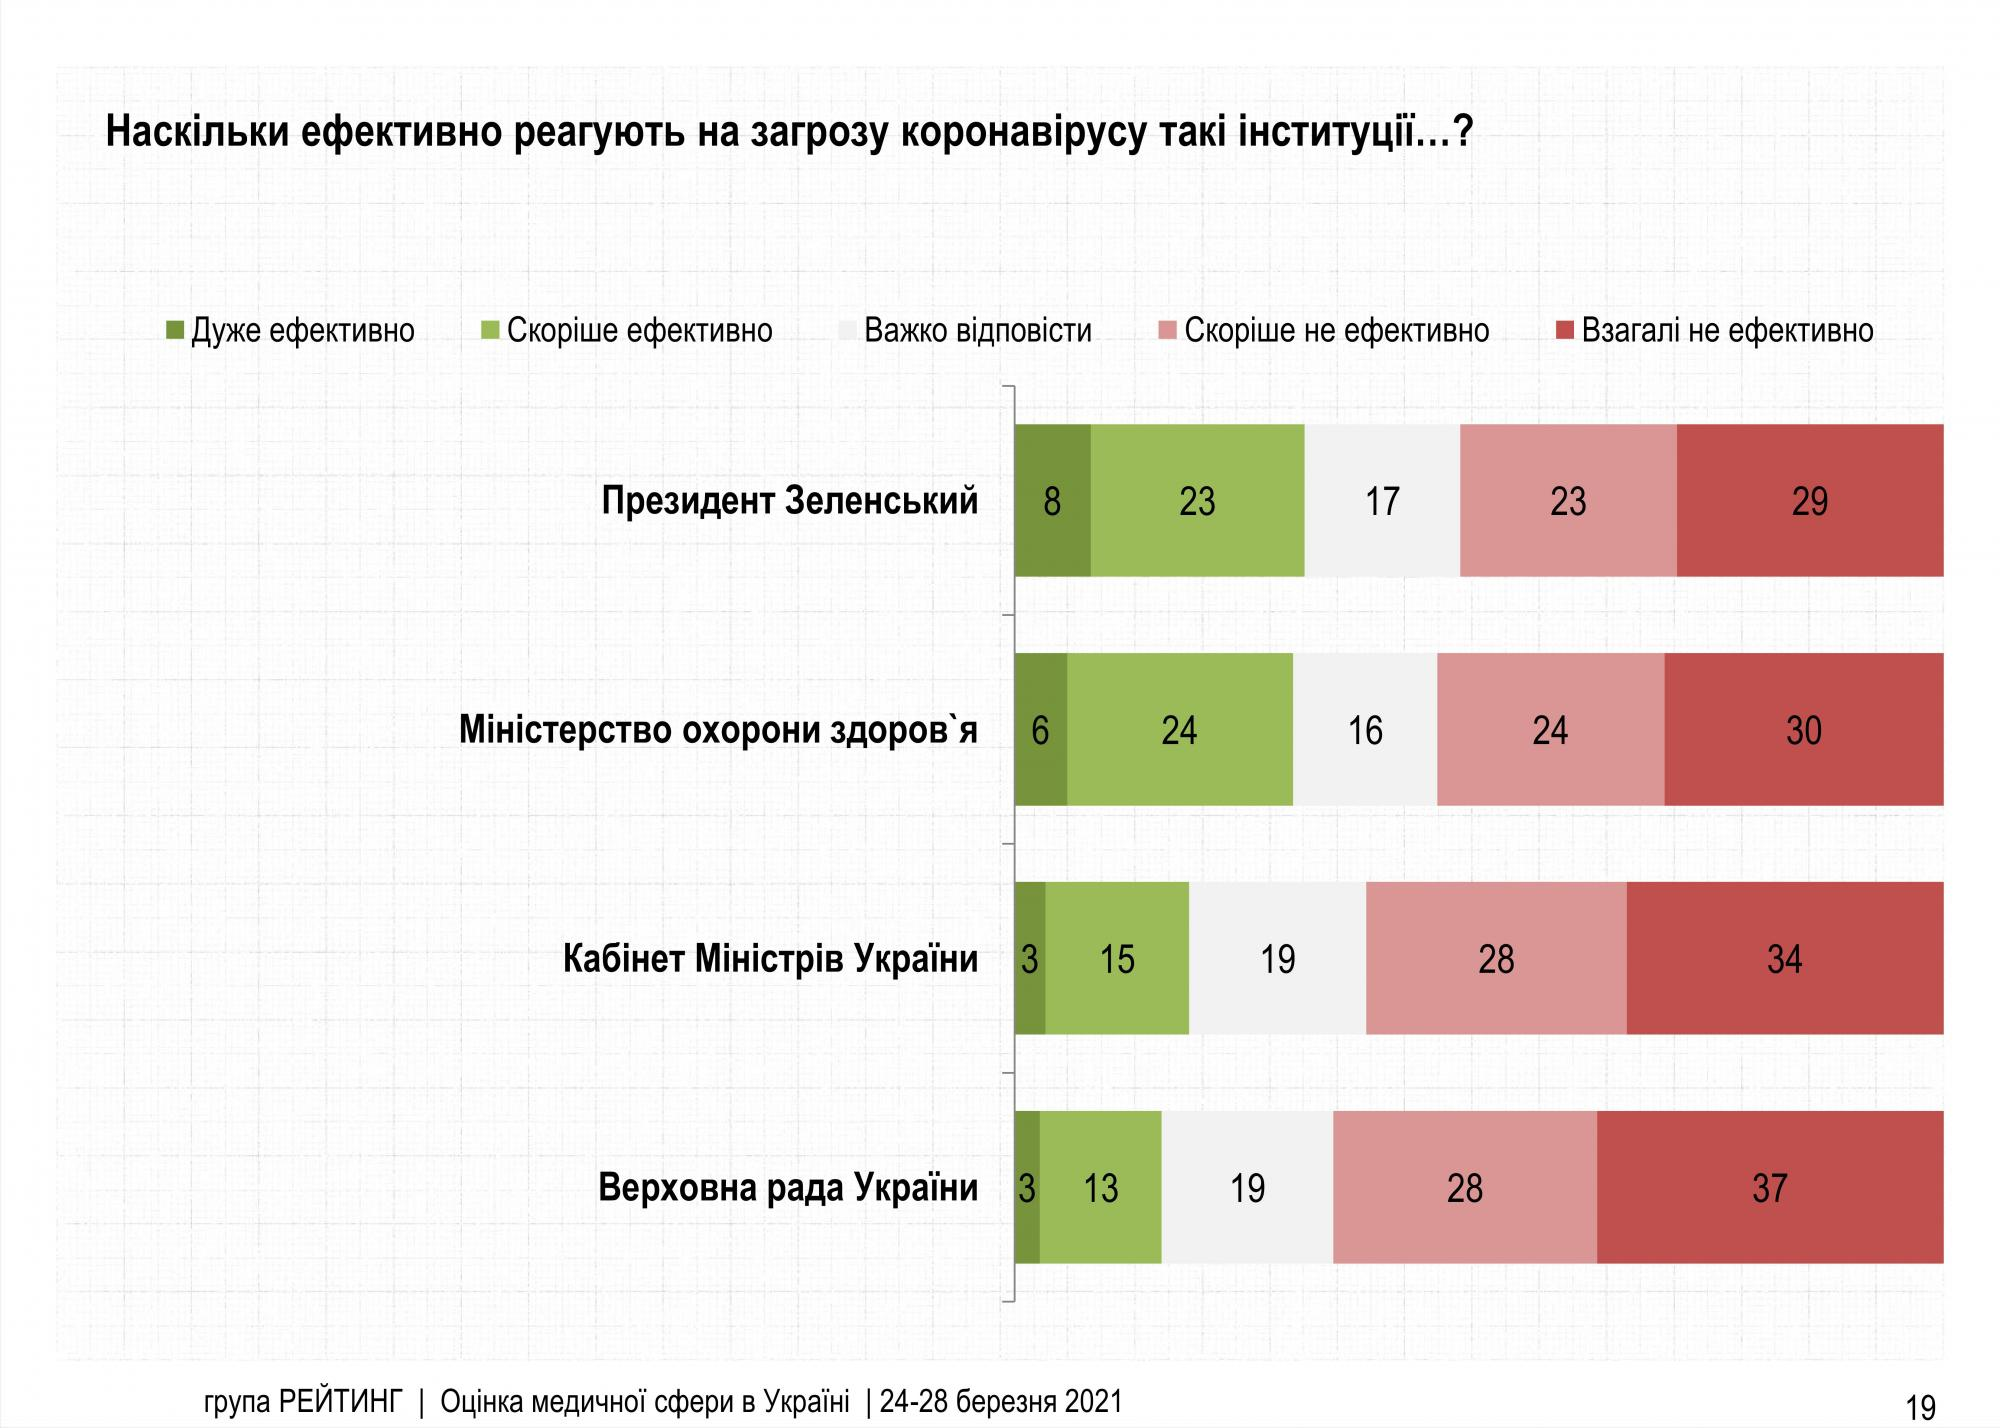 Большинство украинцев считают, что власть неэффективно борется с COVID-19